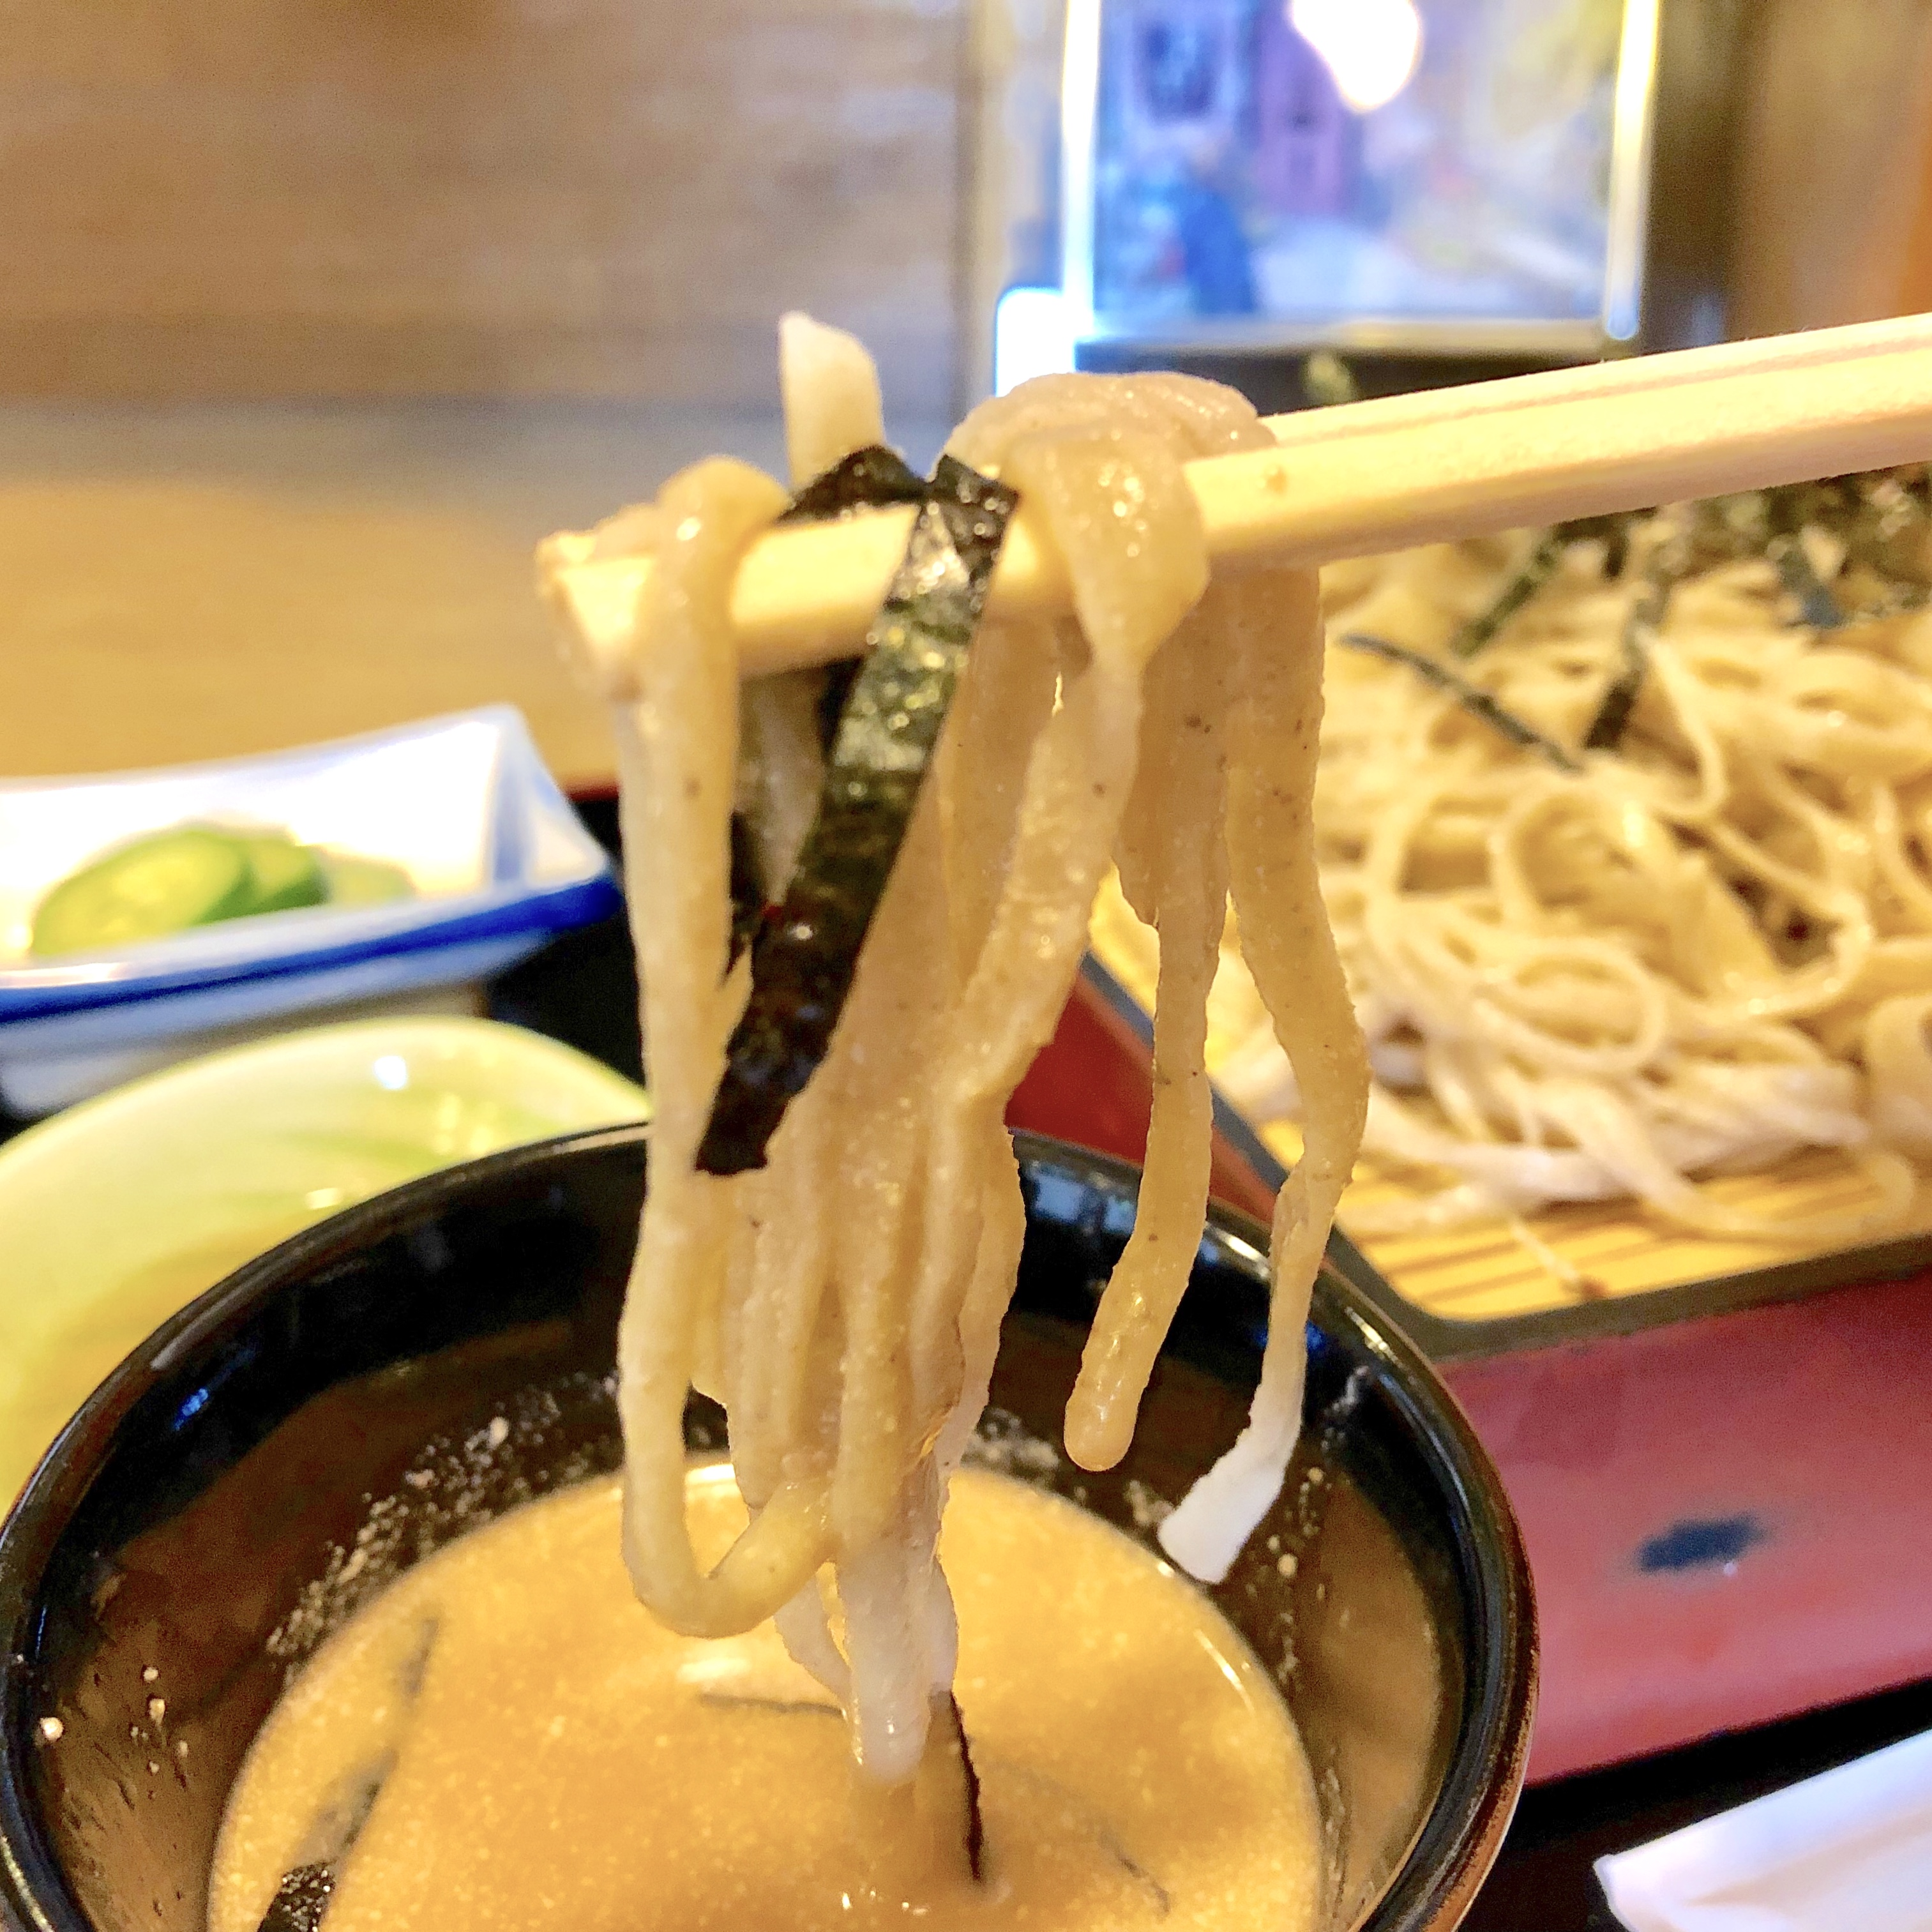 もみの木|秩父名物くるみそばと山菜天ぷらが絶品!上長瀞駅から徒歩で行けるお蕎麦屋さん